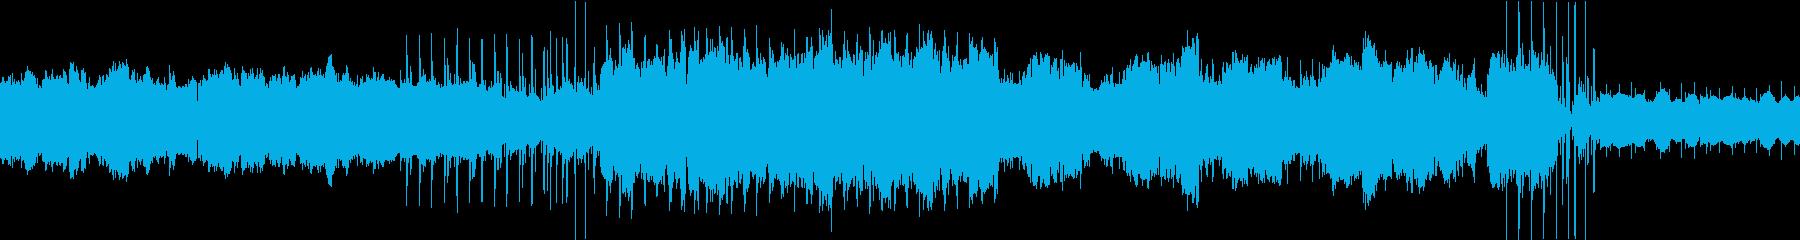 バグパイプとリコーダーのループBGMの再生済みの波形